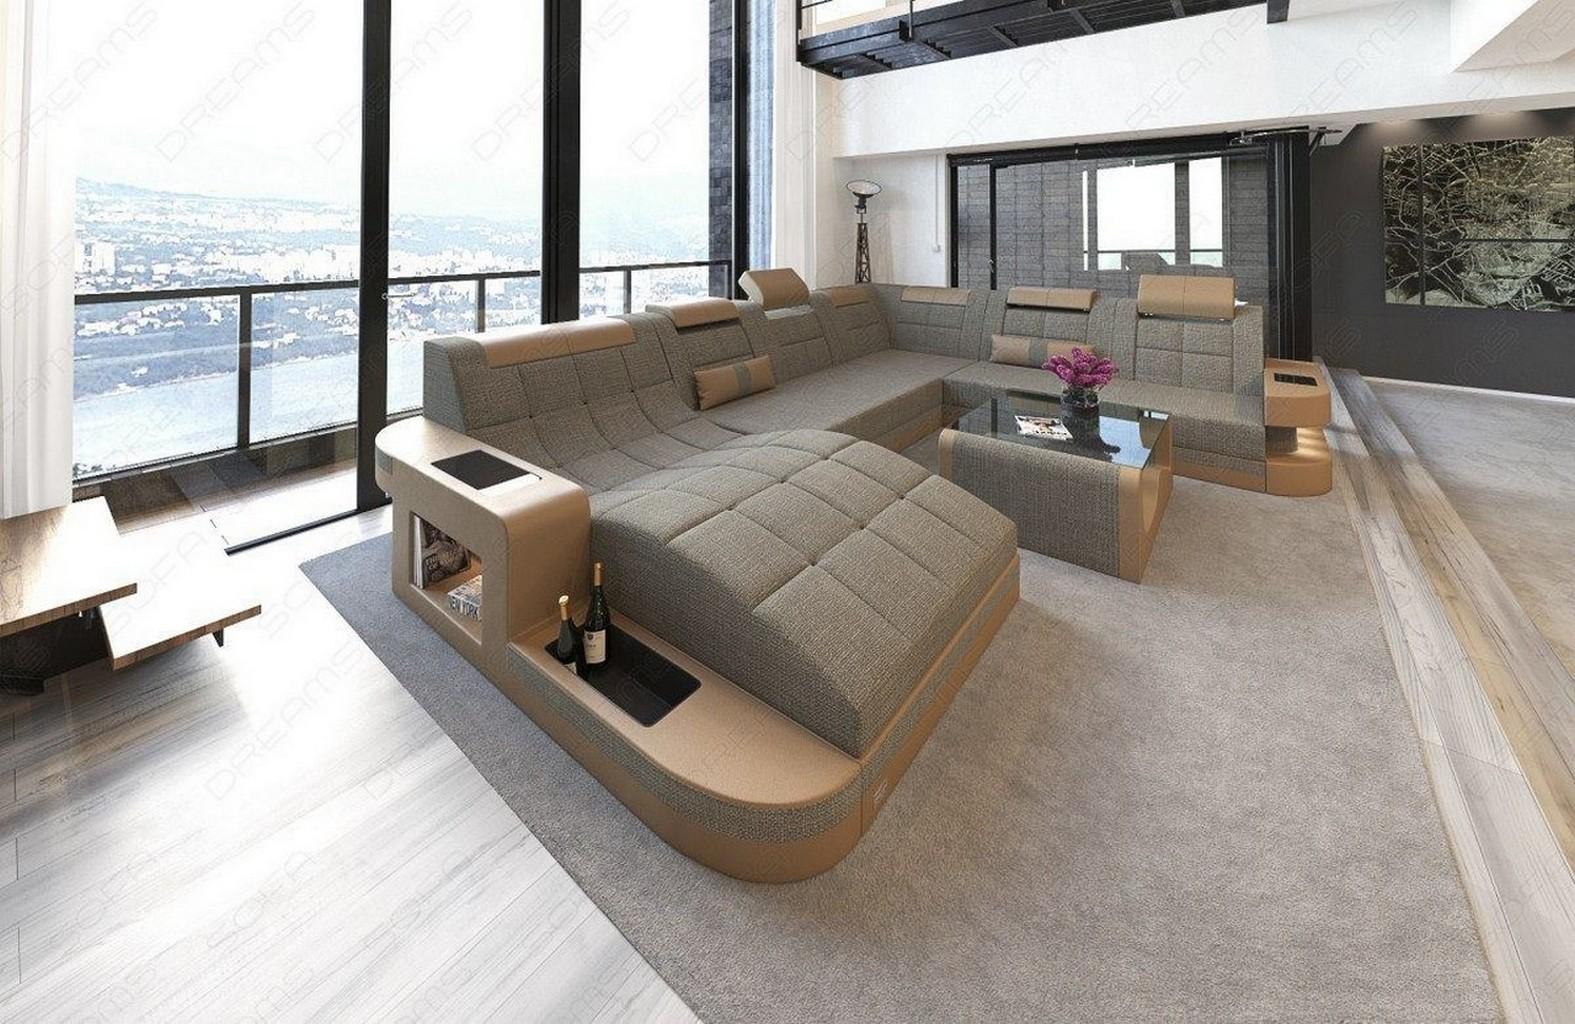 Designersofa wohnlandschaft sofa couchgarnitur wave xl for Wohnlandschaft beige stoff